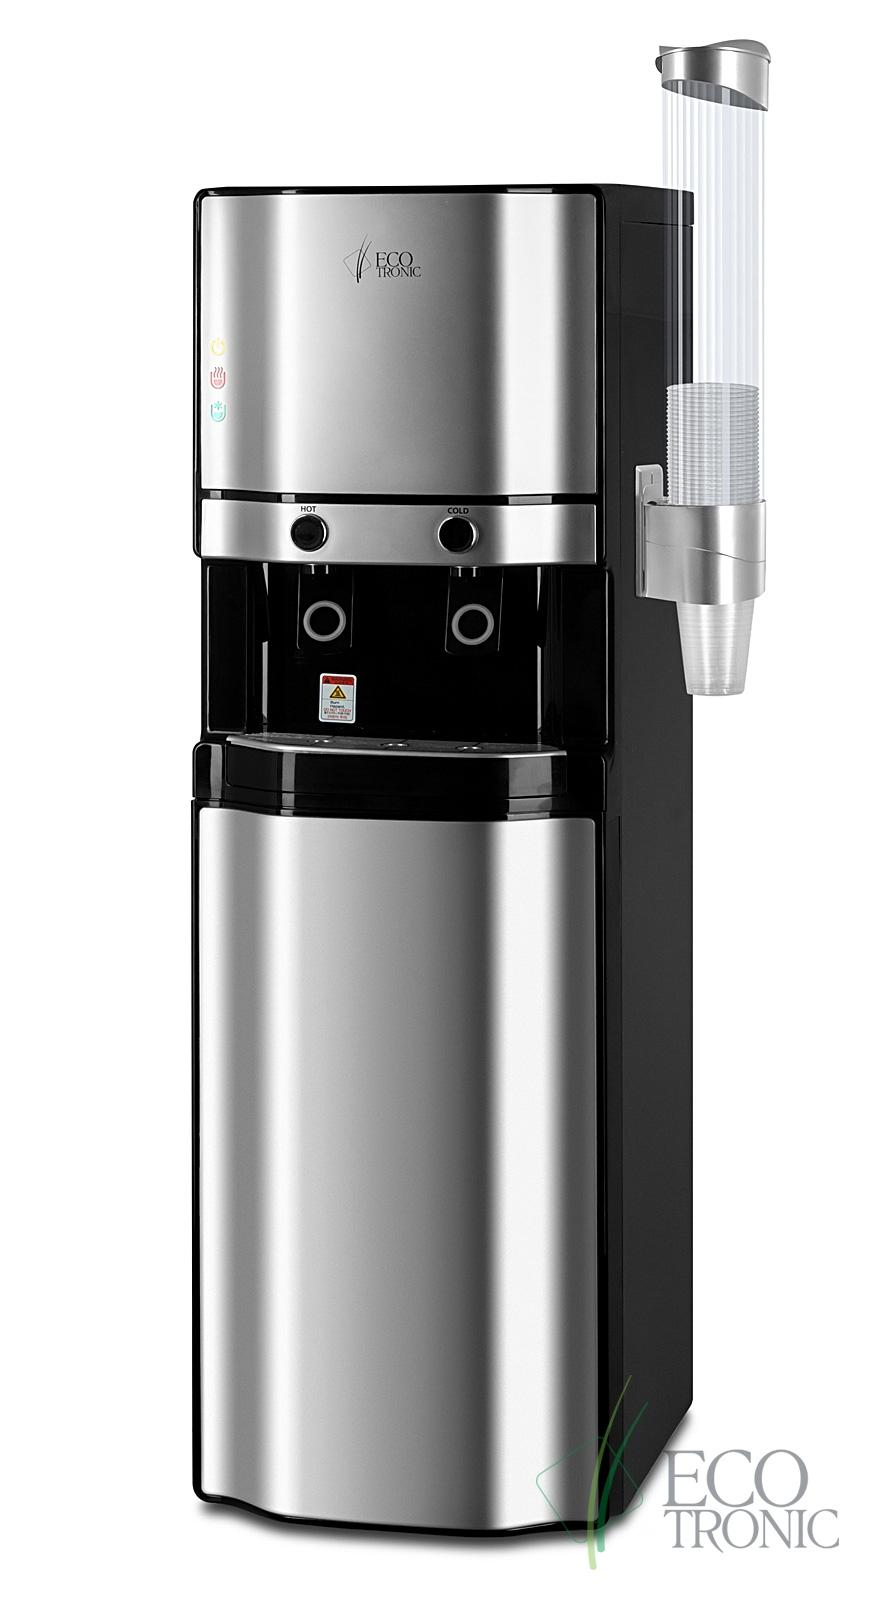 Пурифайер Ecotronic A30-U4L ExtraHot silver - 1